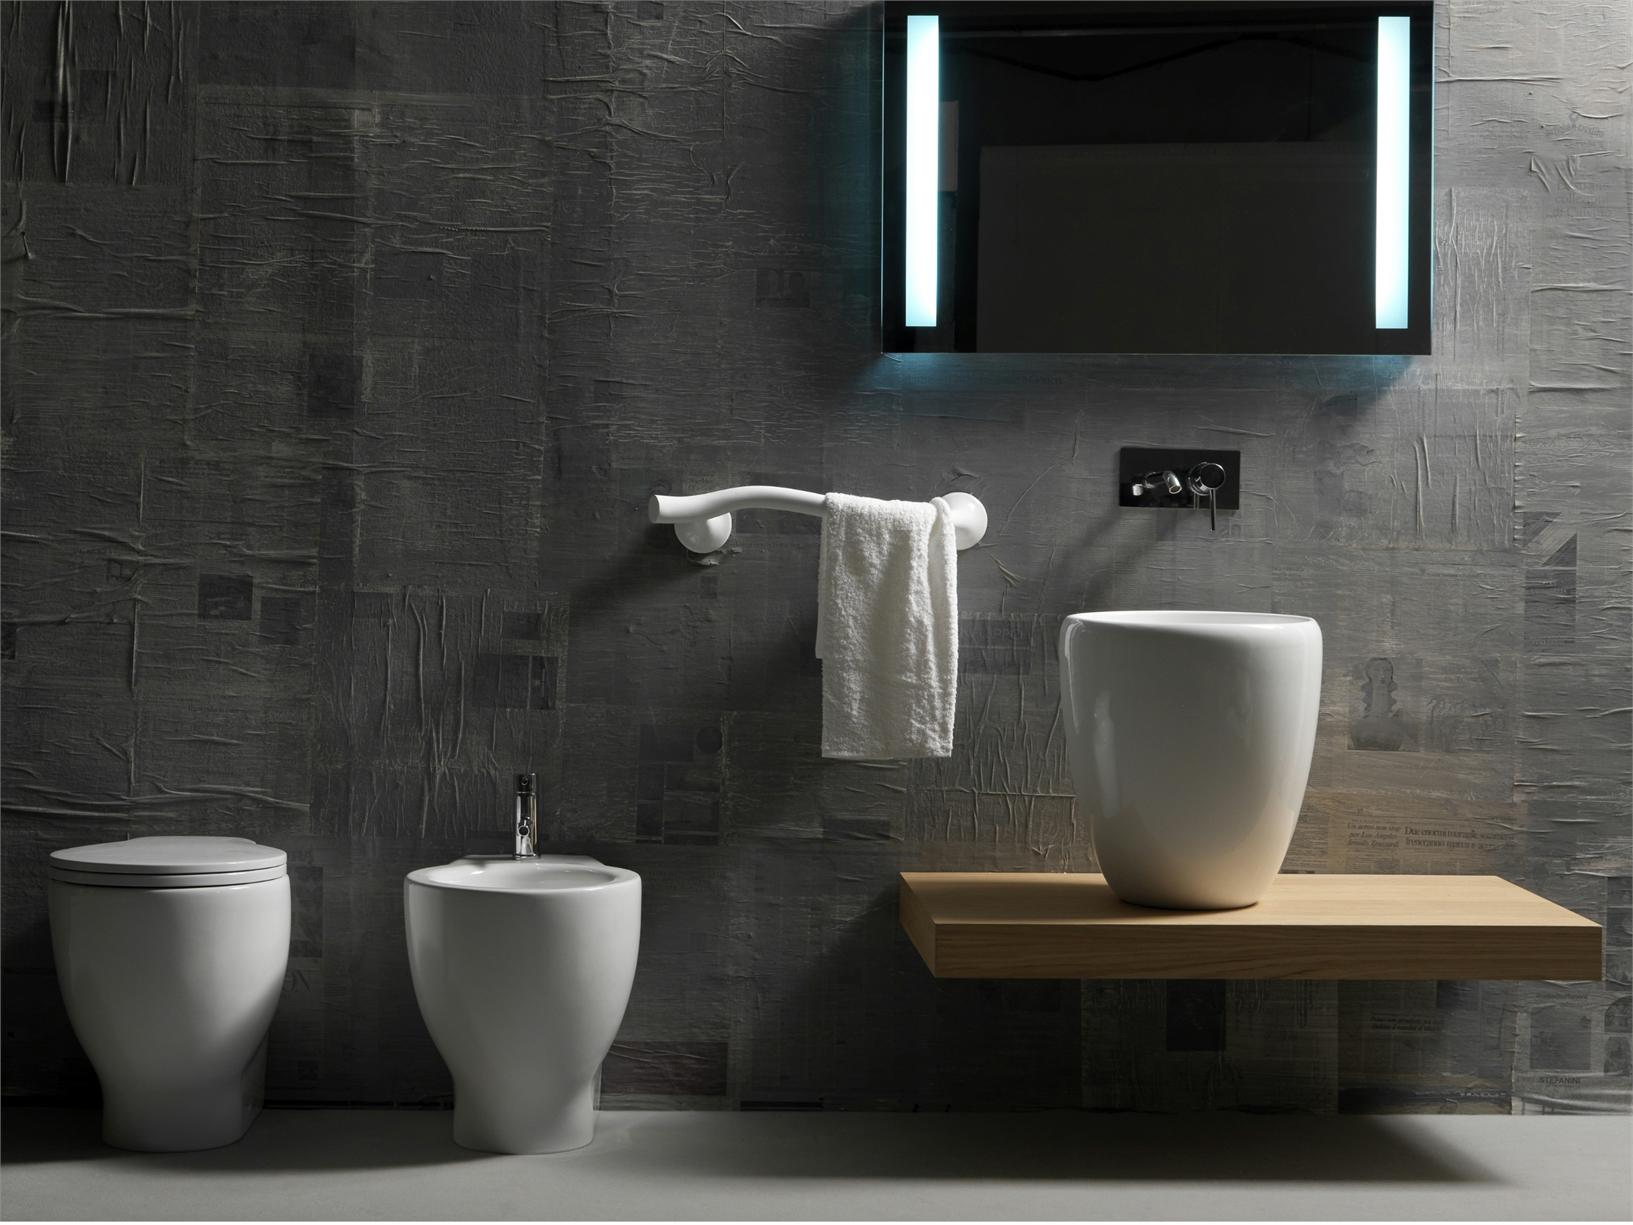 Mondo convenienza rubinetteria boiserie in ceramica per bagno - Miscelatori bagno prezzi ...